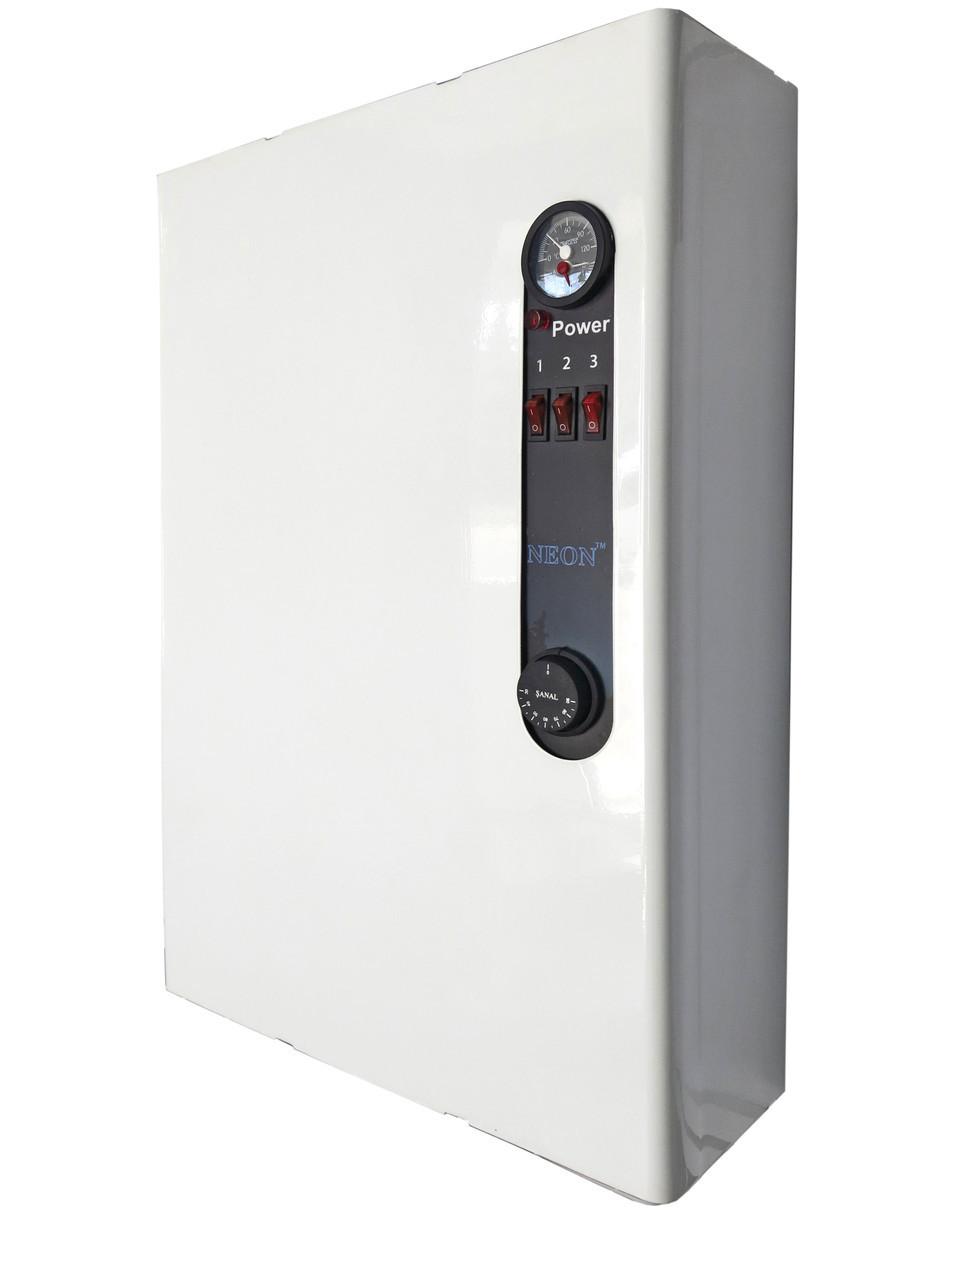 Электрокотел NEON PRO 4,5кВт 220в/380в. Магнитный пускатель